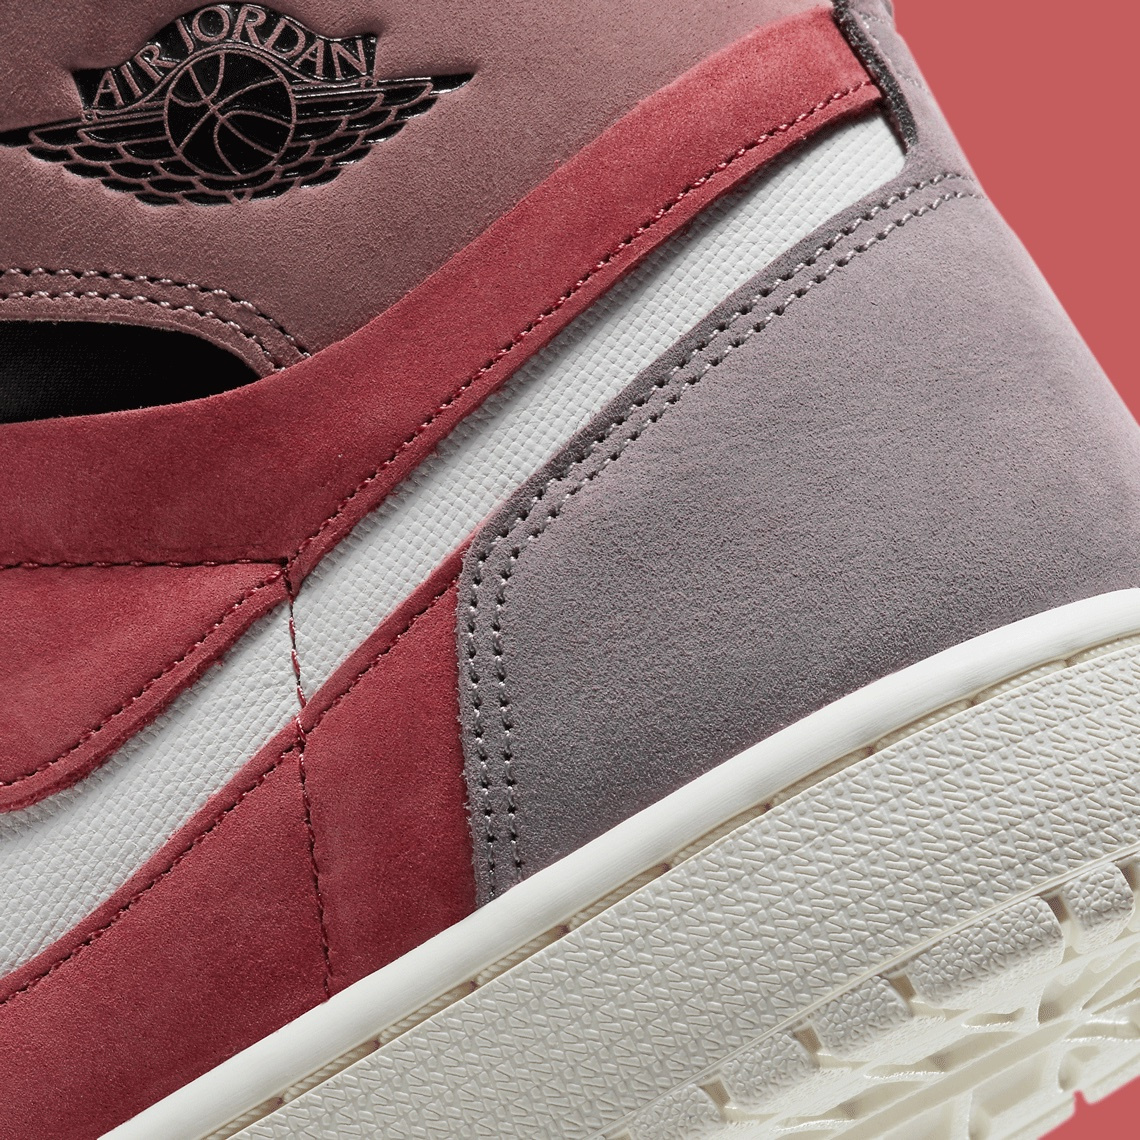 Air Jordan 1 Zoom Comfort (CMFT) ''Canyon Rust'' - CT0979-602